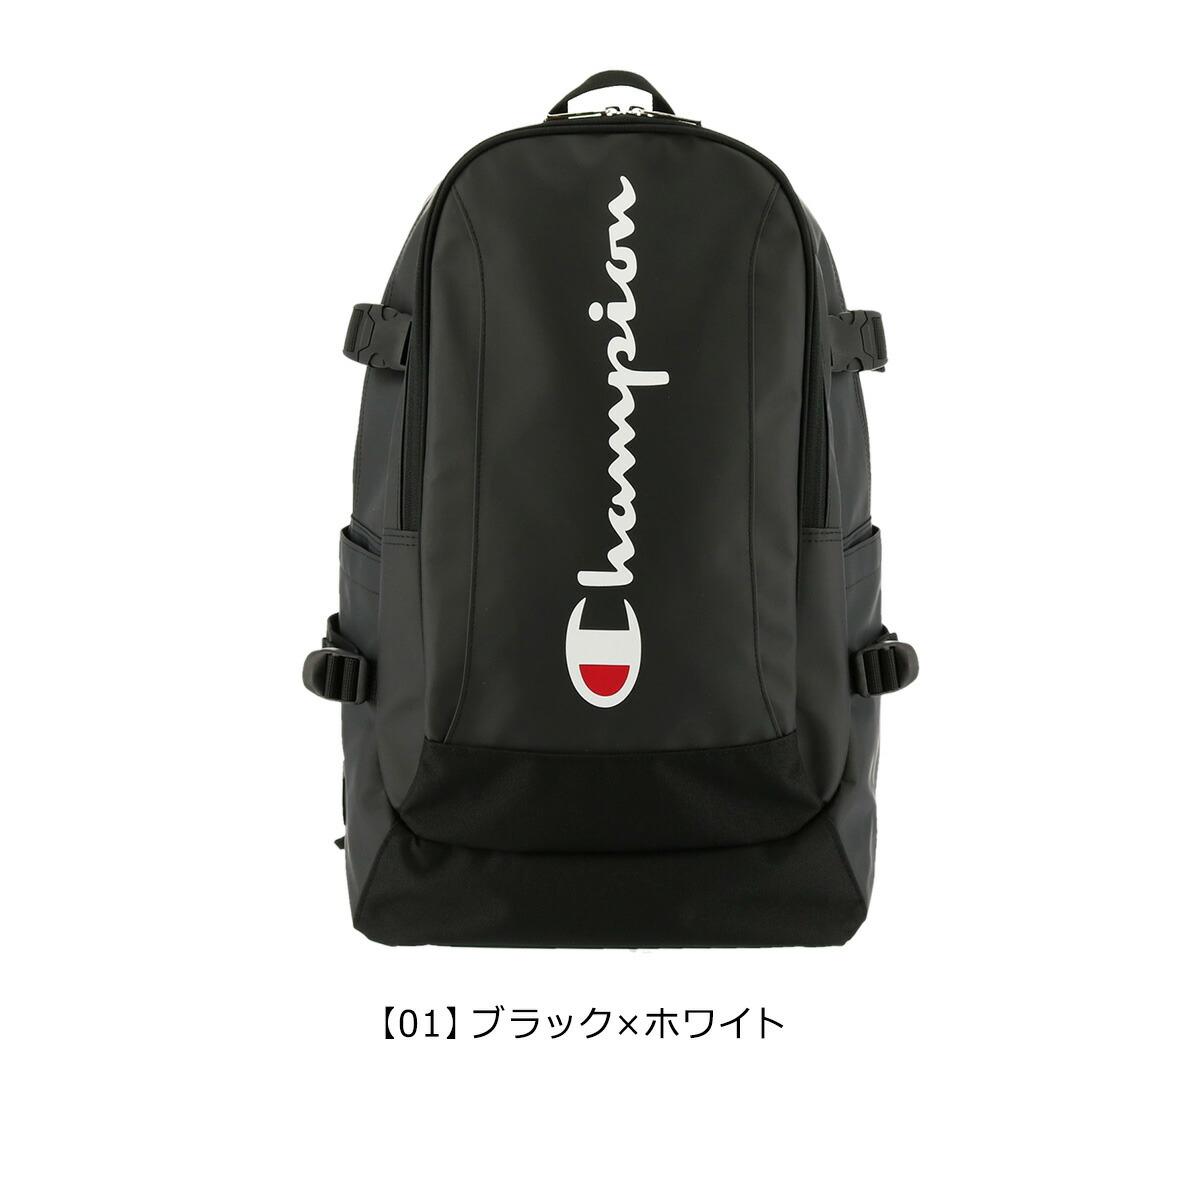 【01】ブラック×ホワイト